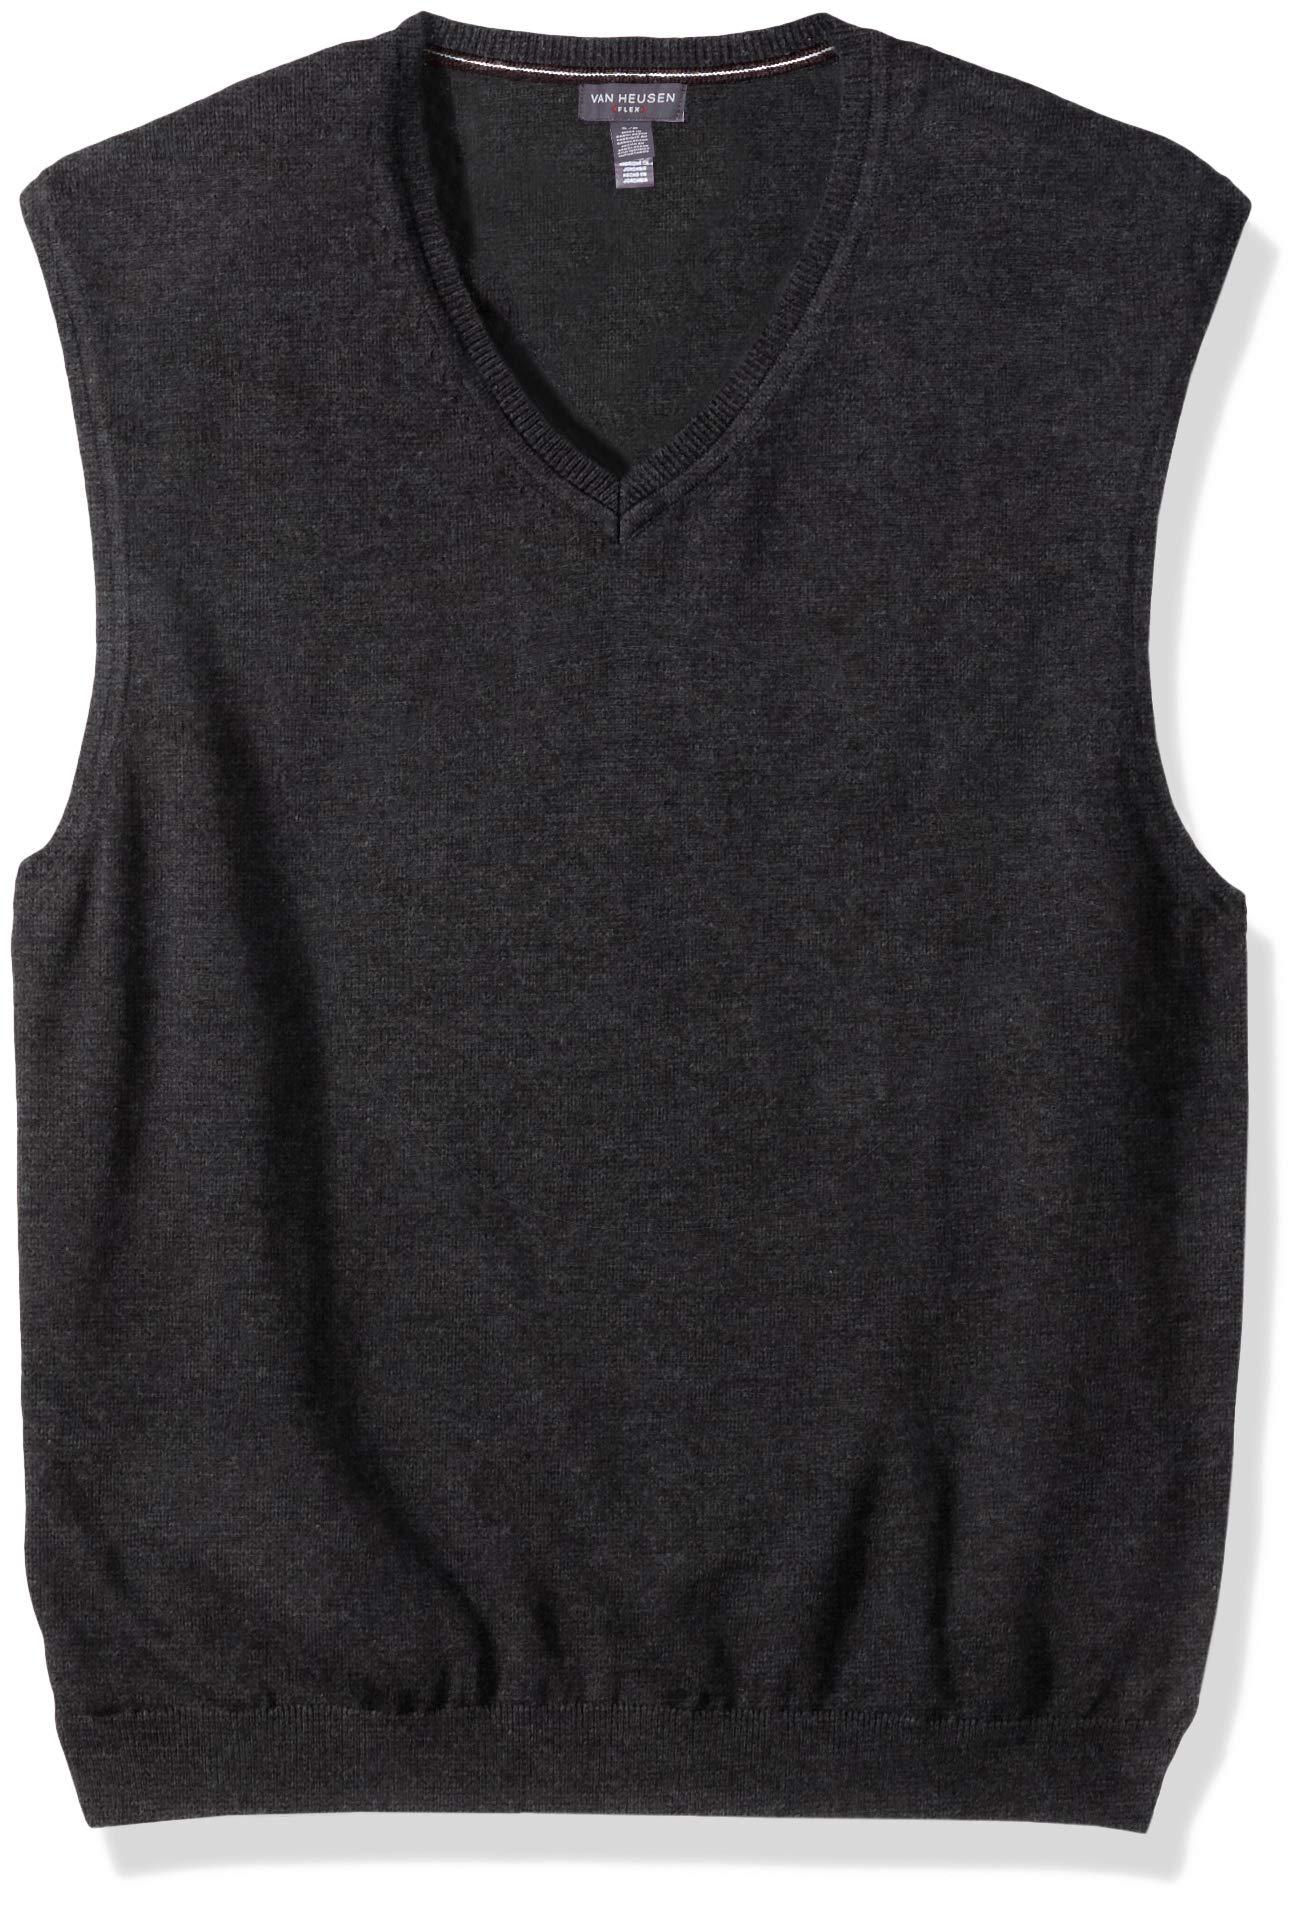 Van Heusen Men's Solid Sweater Vest 12GG, Black Heather, Small by Van Heusen